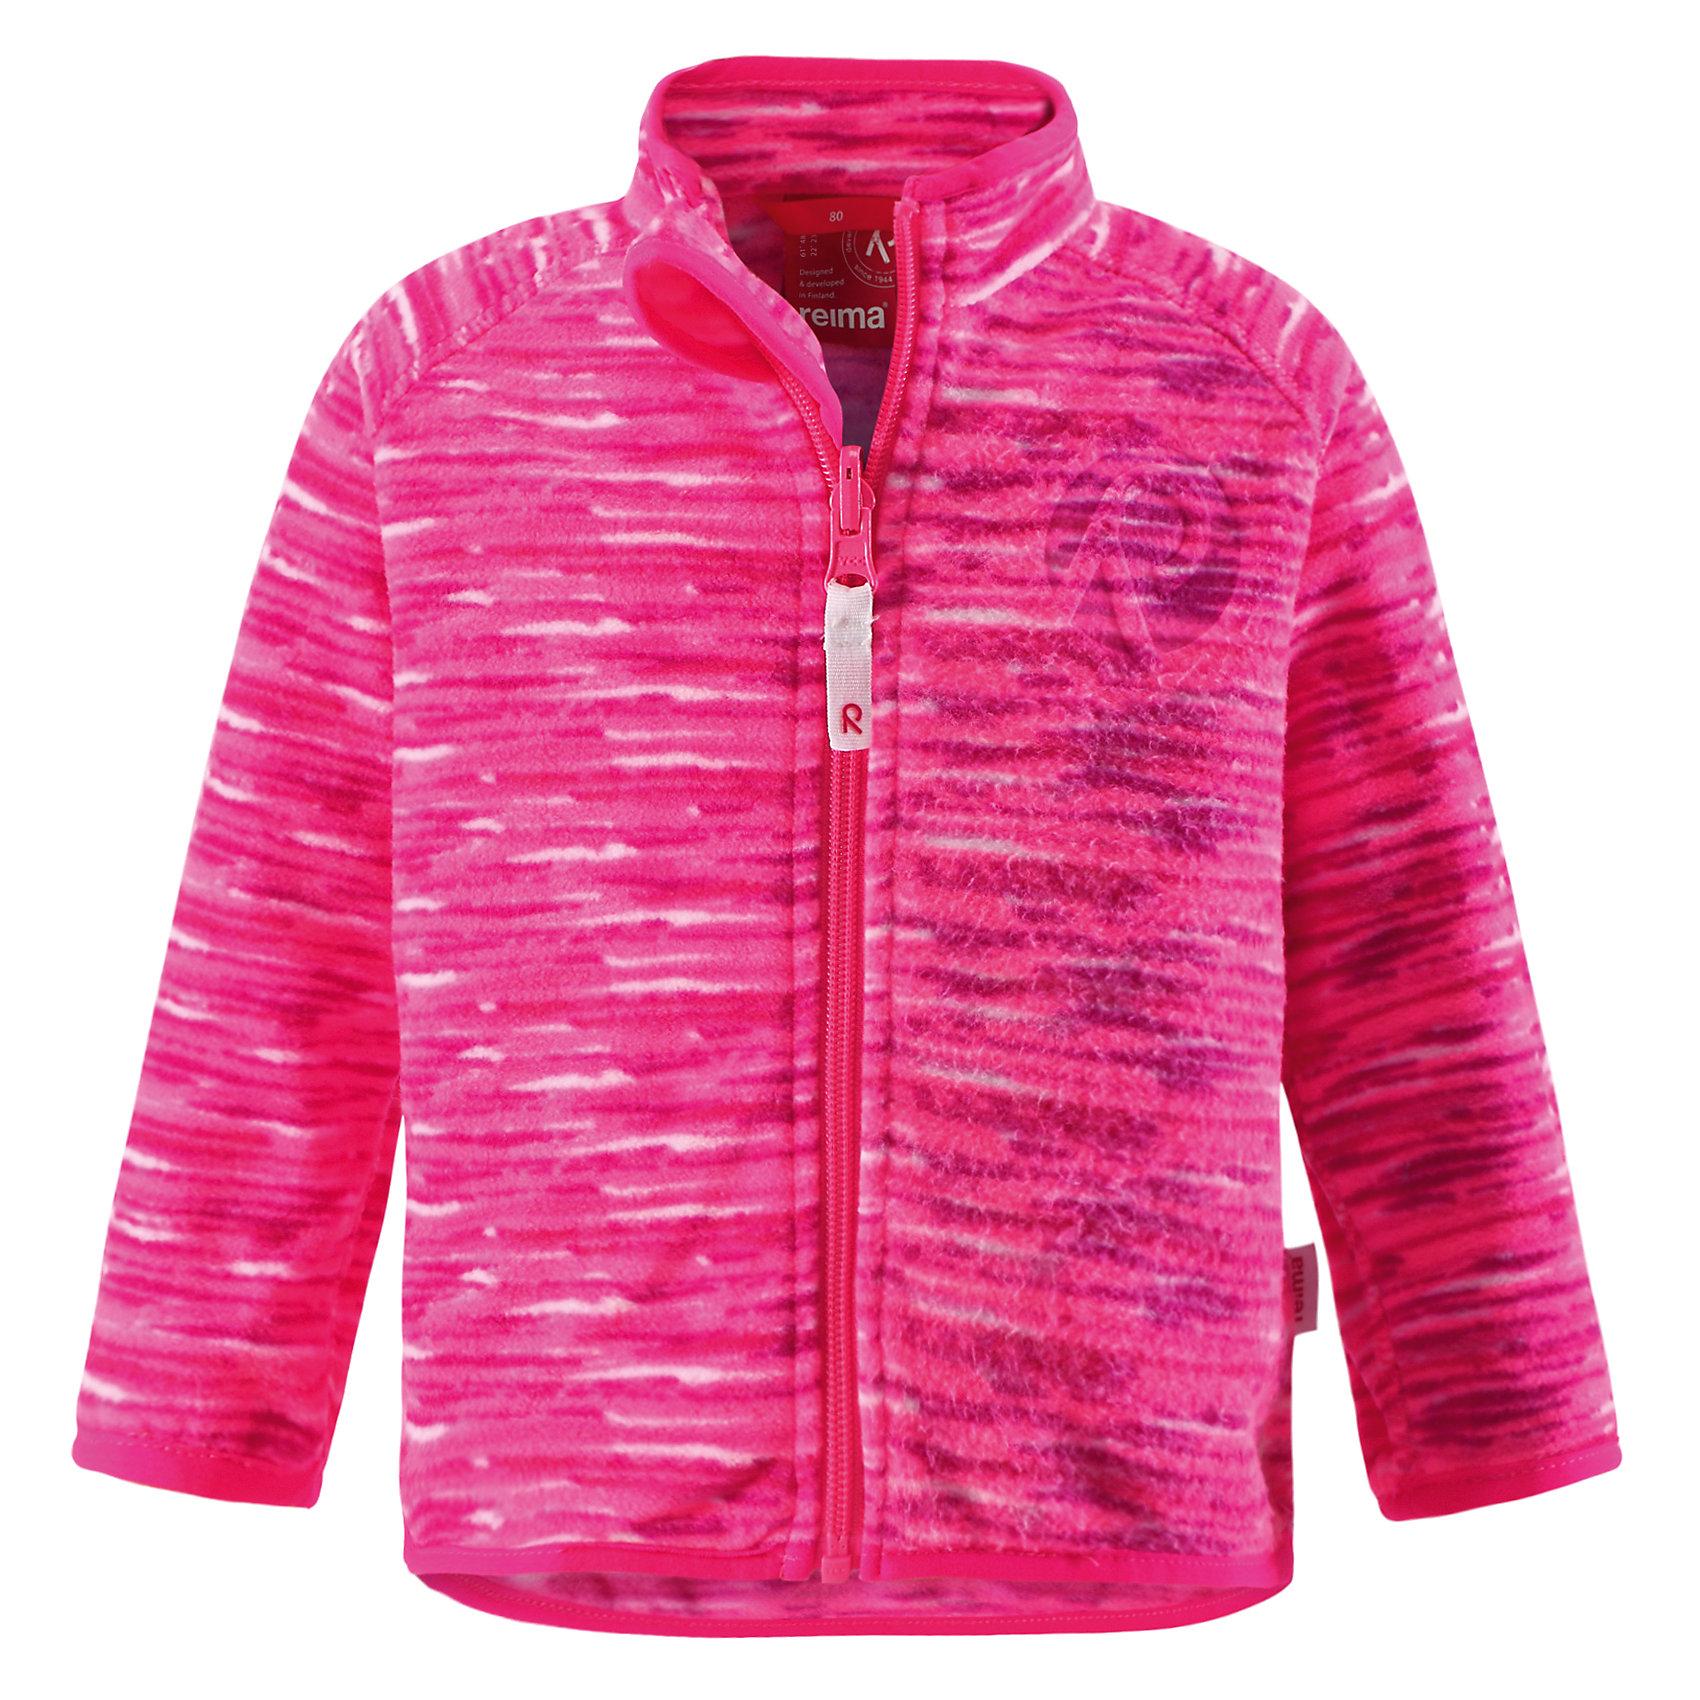 Куртка для девочки ReimaКуртка флисовая от финской марки Reima.<br>*Флисовая куртка для малышей*Теплый, легкий и быстросохнущий поларфлис*Может пристегиваться к верхней одежде Reima® кнопками Play Layers®*Эластичная резинка на воротнике, манжетах и подоле*Удлиненный подол сзади для дополнительной защиты*Молния по всей длине с защитой подбородка*Двухсторонний замок молнии позволяет застегивать куртку при использовании системы Play Layers®*Аппликация<br>Состав:<br>100% ПЭ<br><br>Ширина мм: 190<br>Глубина мм: 74<br>Высота мм: 229<br>Вес г: 236<br>Цвет: розовый<br>Возраст от месяцев: 6<br>Возраст до месяцев: 9<br>Пол: Женский<br>Возраст: Детский<br>Размер: 74,98,80,86,92<br>SKU: 4631397